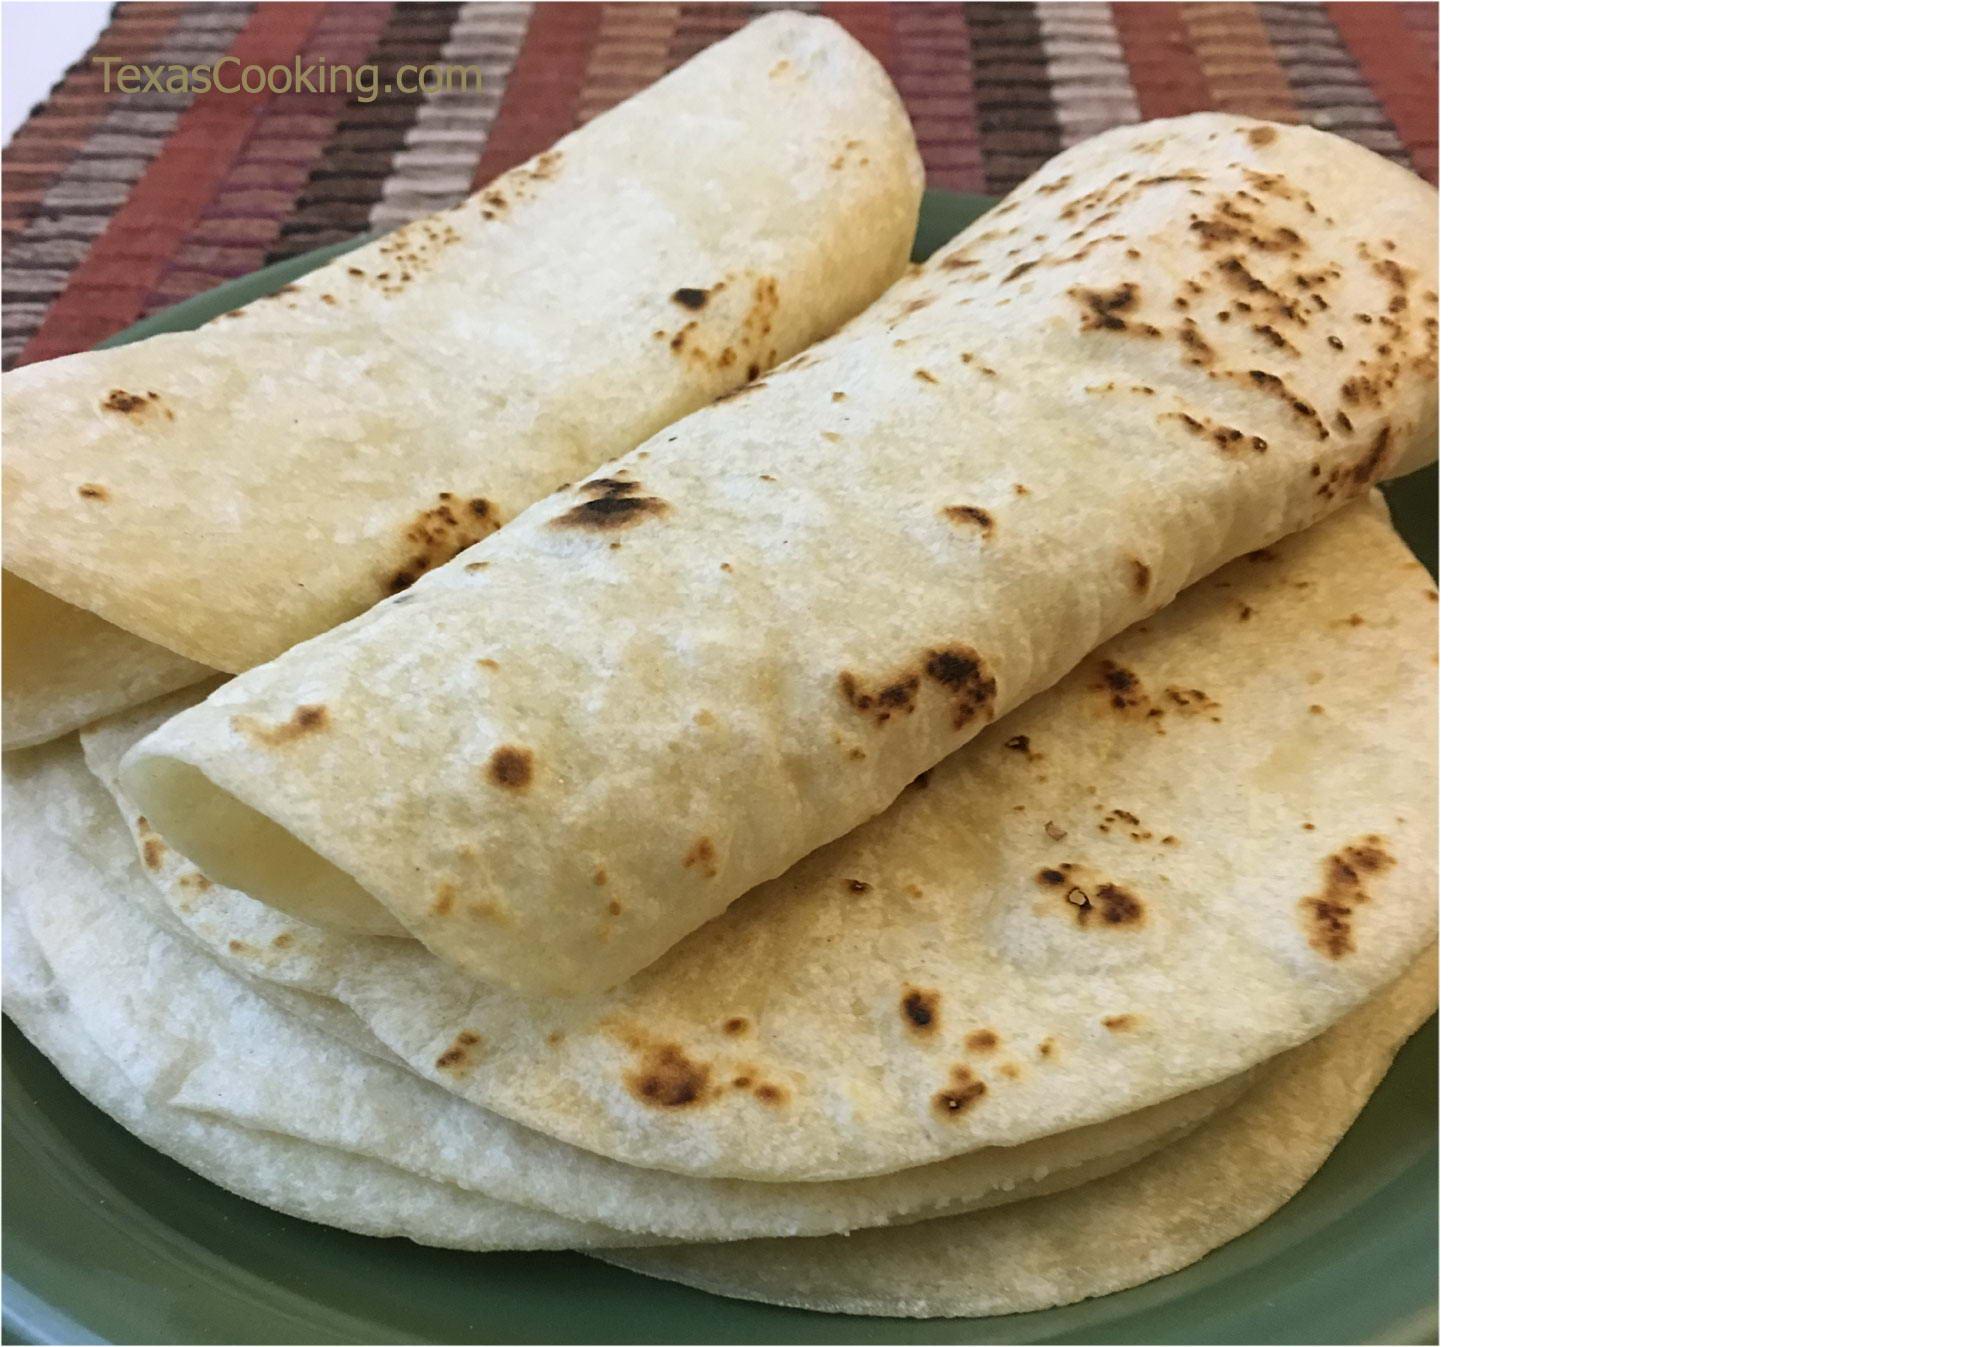 Novice How To Make Flour Tortillas